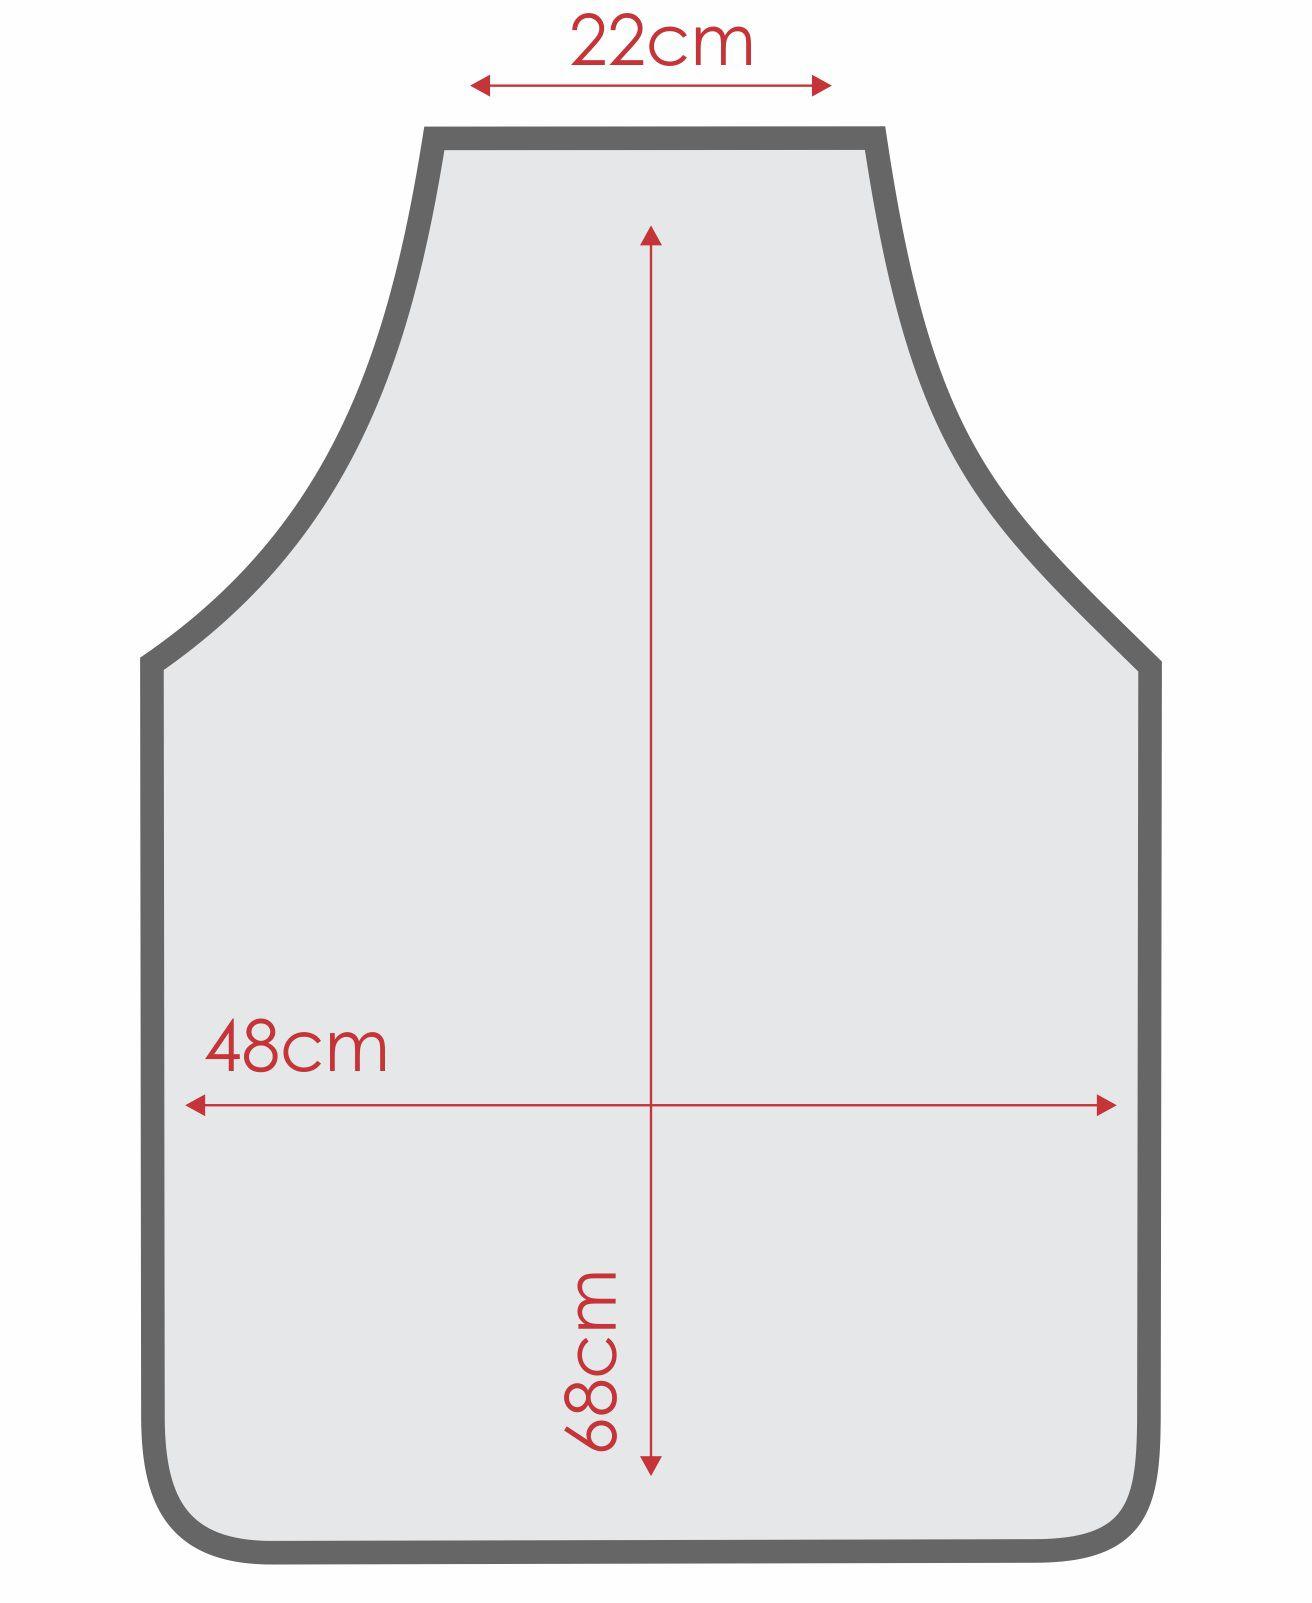 Avental De Cozinha Plastificado Angola  - RECANTO DA COSTURA